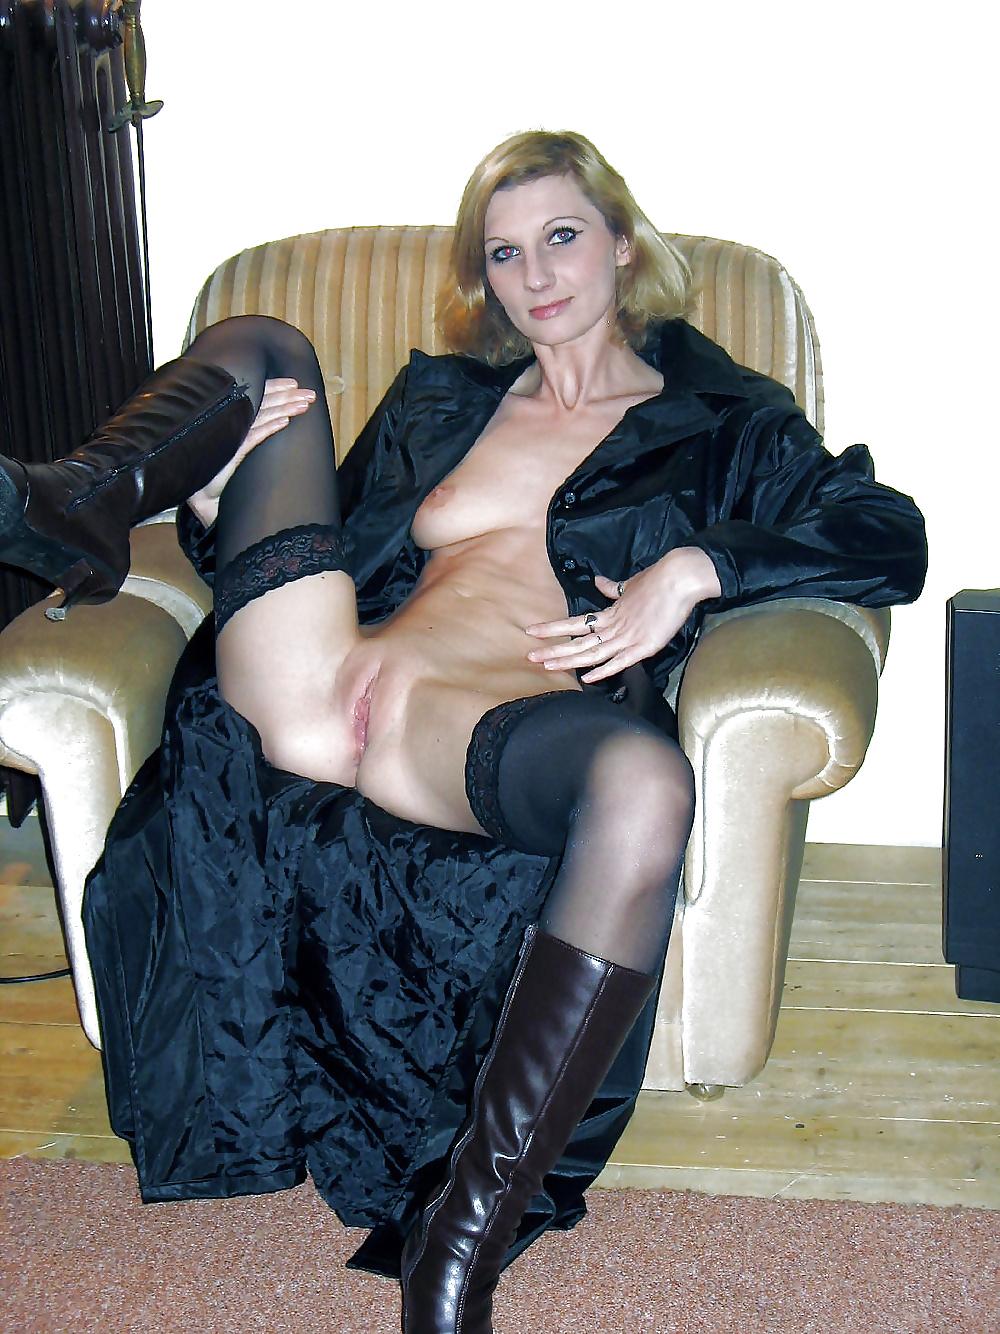 Amateur Piernas Abierta Porno Con Vestido piernas abiertas -2- - 17 pics   xhamster